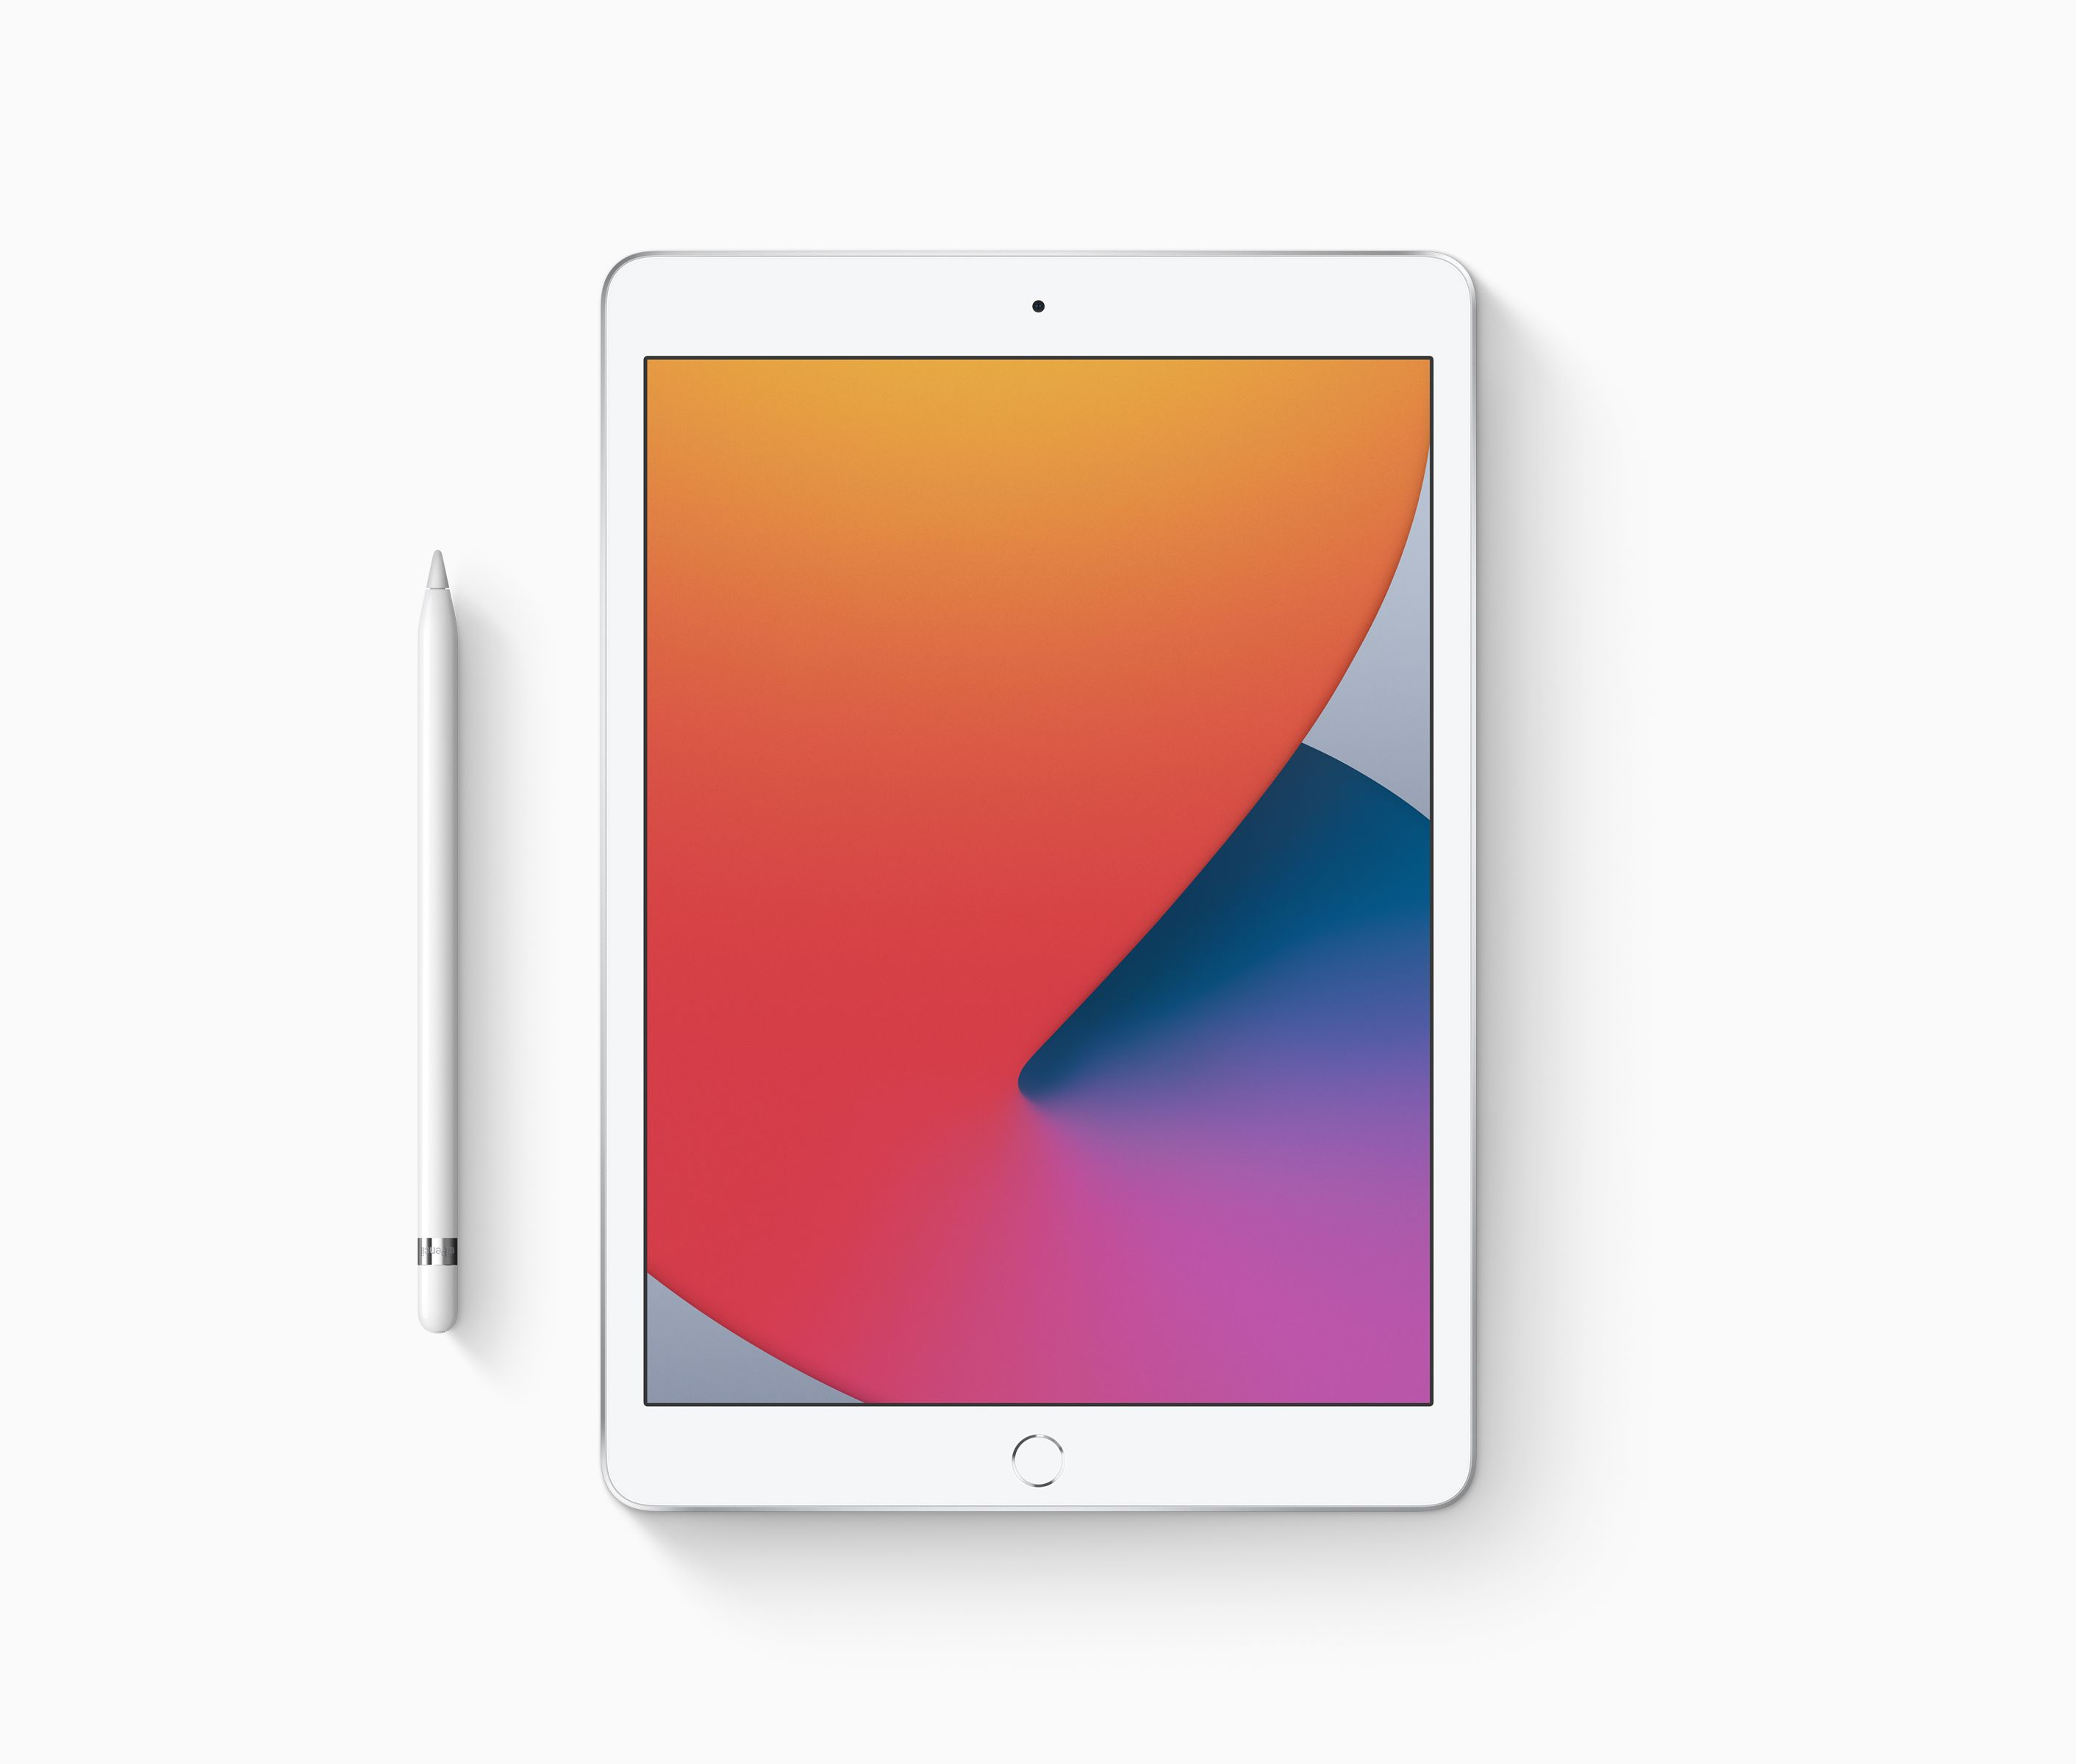 10 2 Inch Ipad Wi Fi 128gb Silver Apple